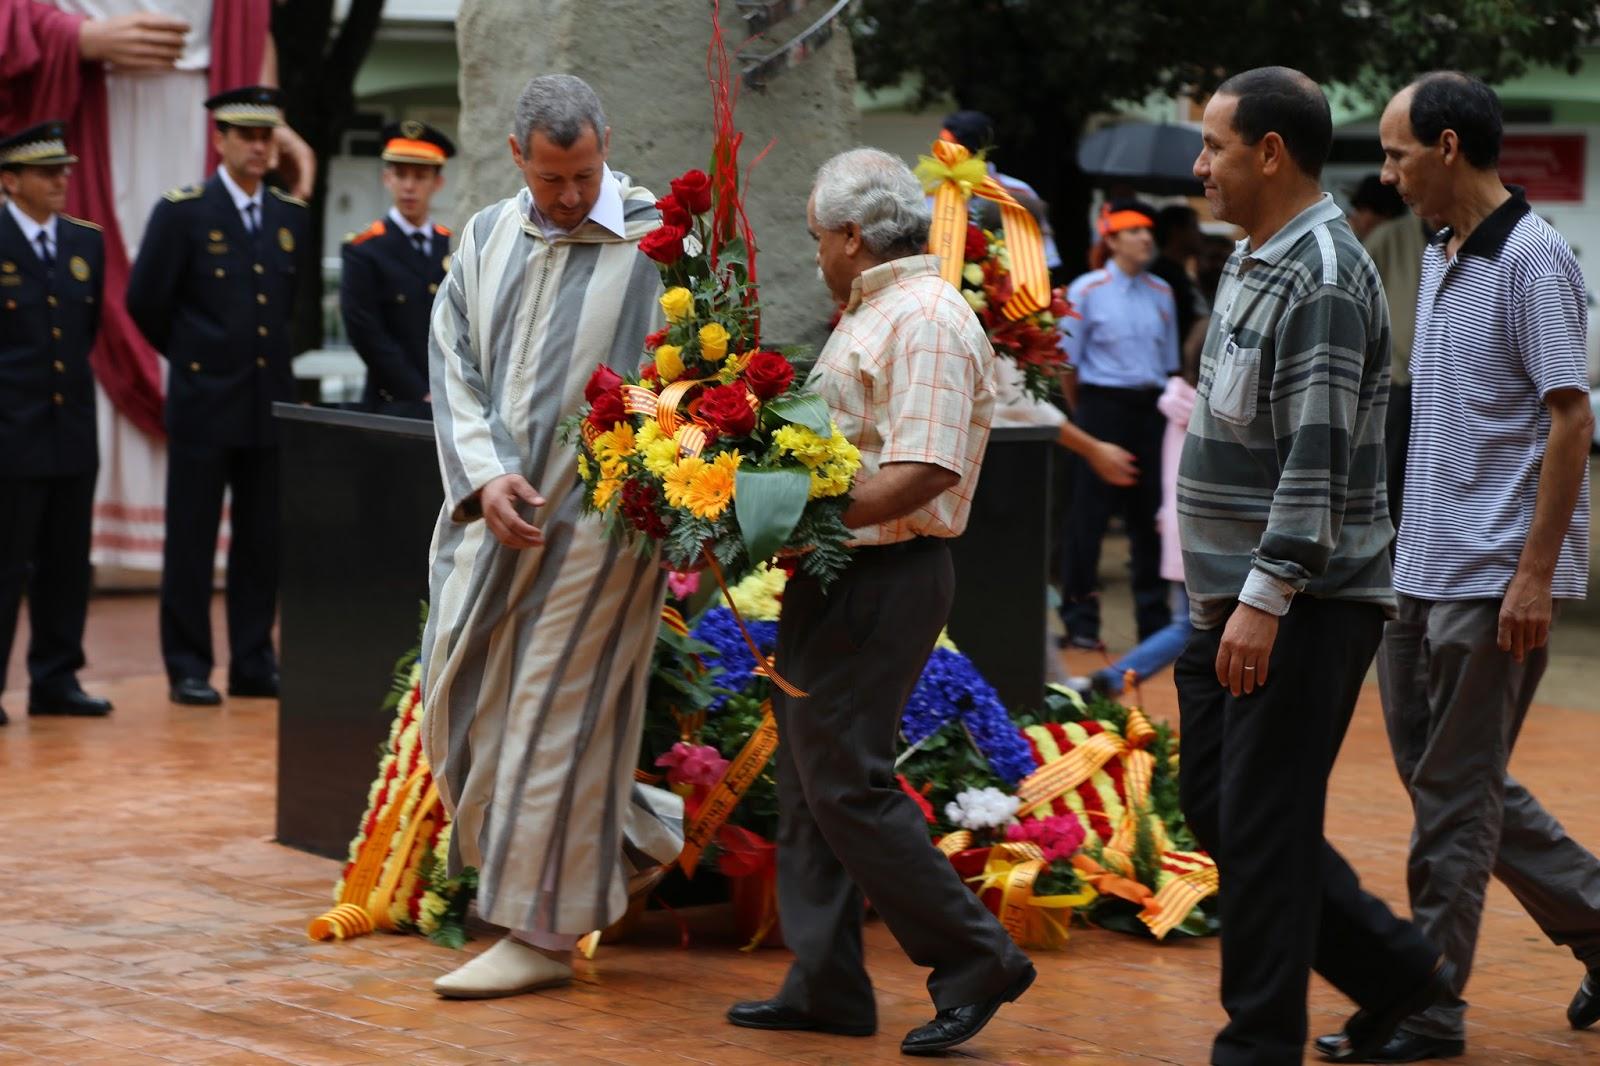 La Comunidad Islámica de Montmeló participa en la fiesta nacional de Cataluña